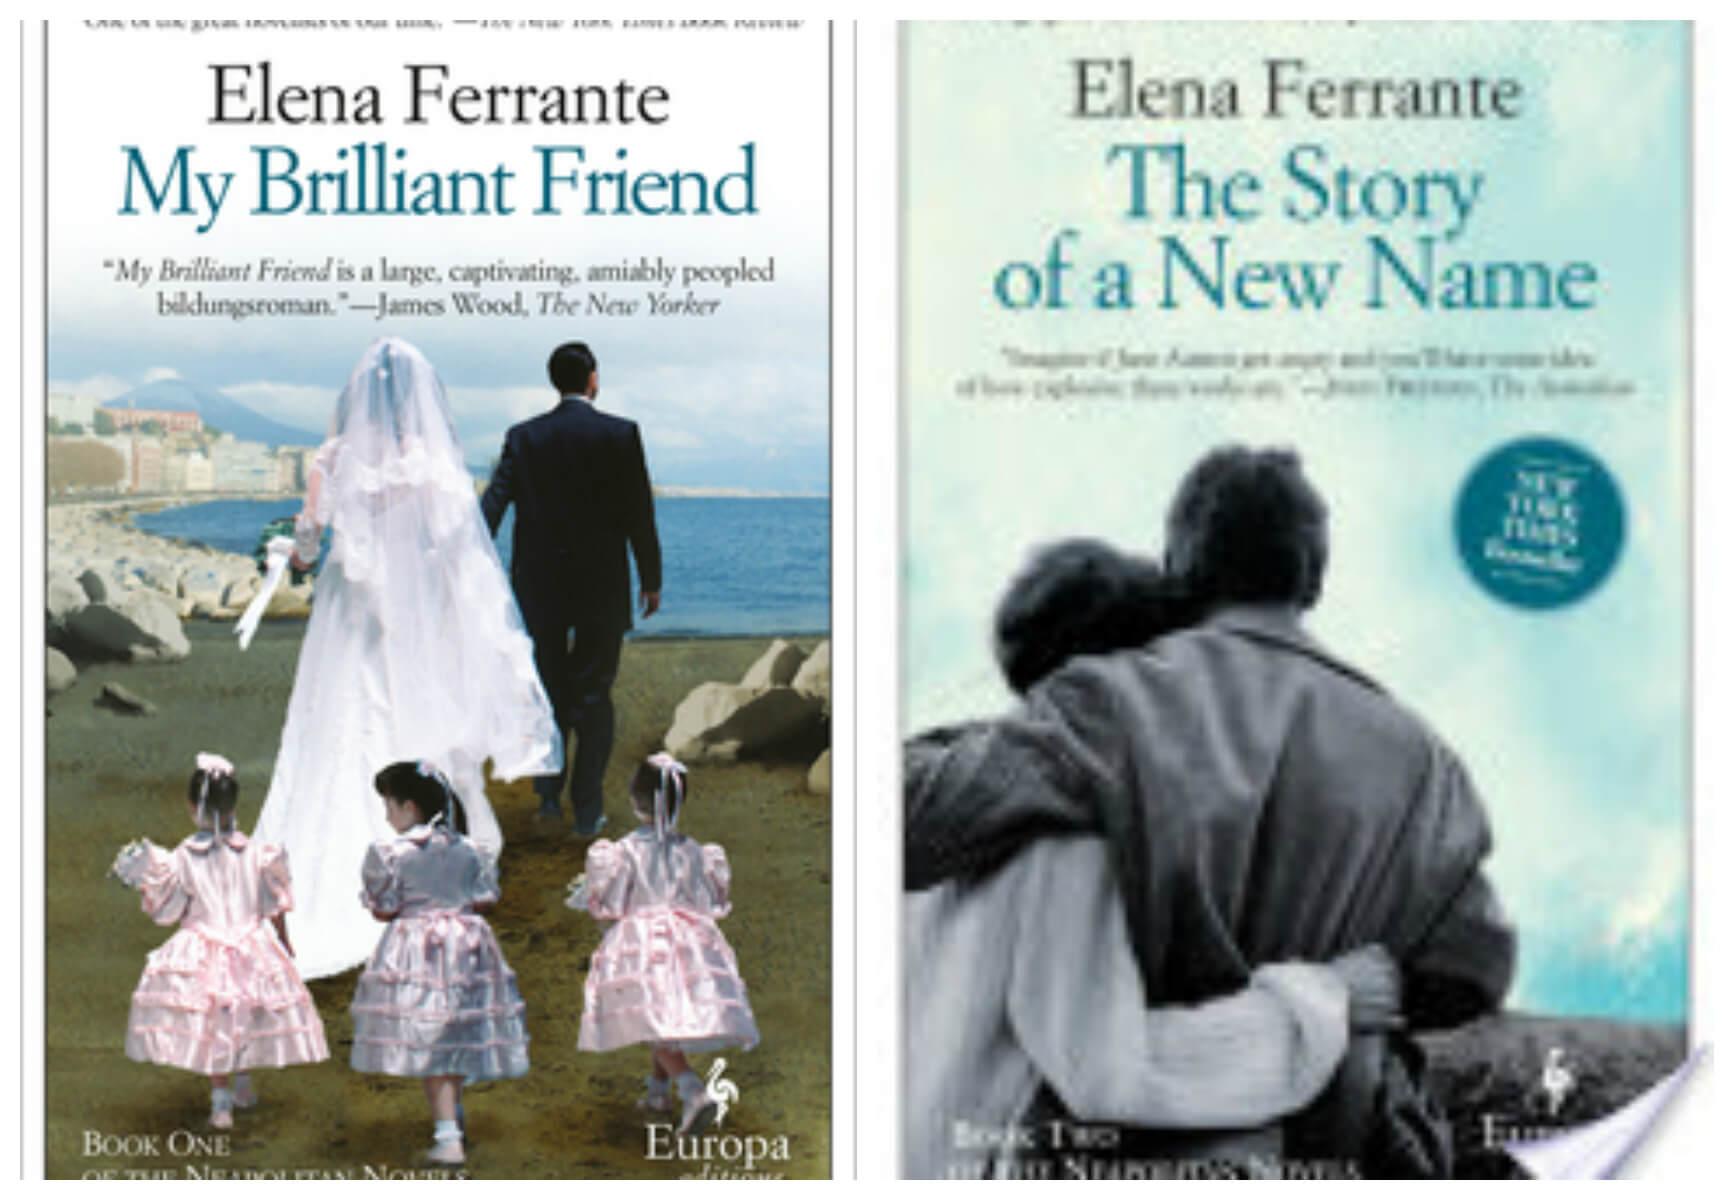 elena ferrantes neapolitan novels books 1 and 2